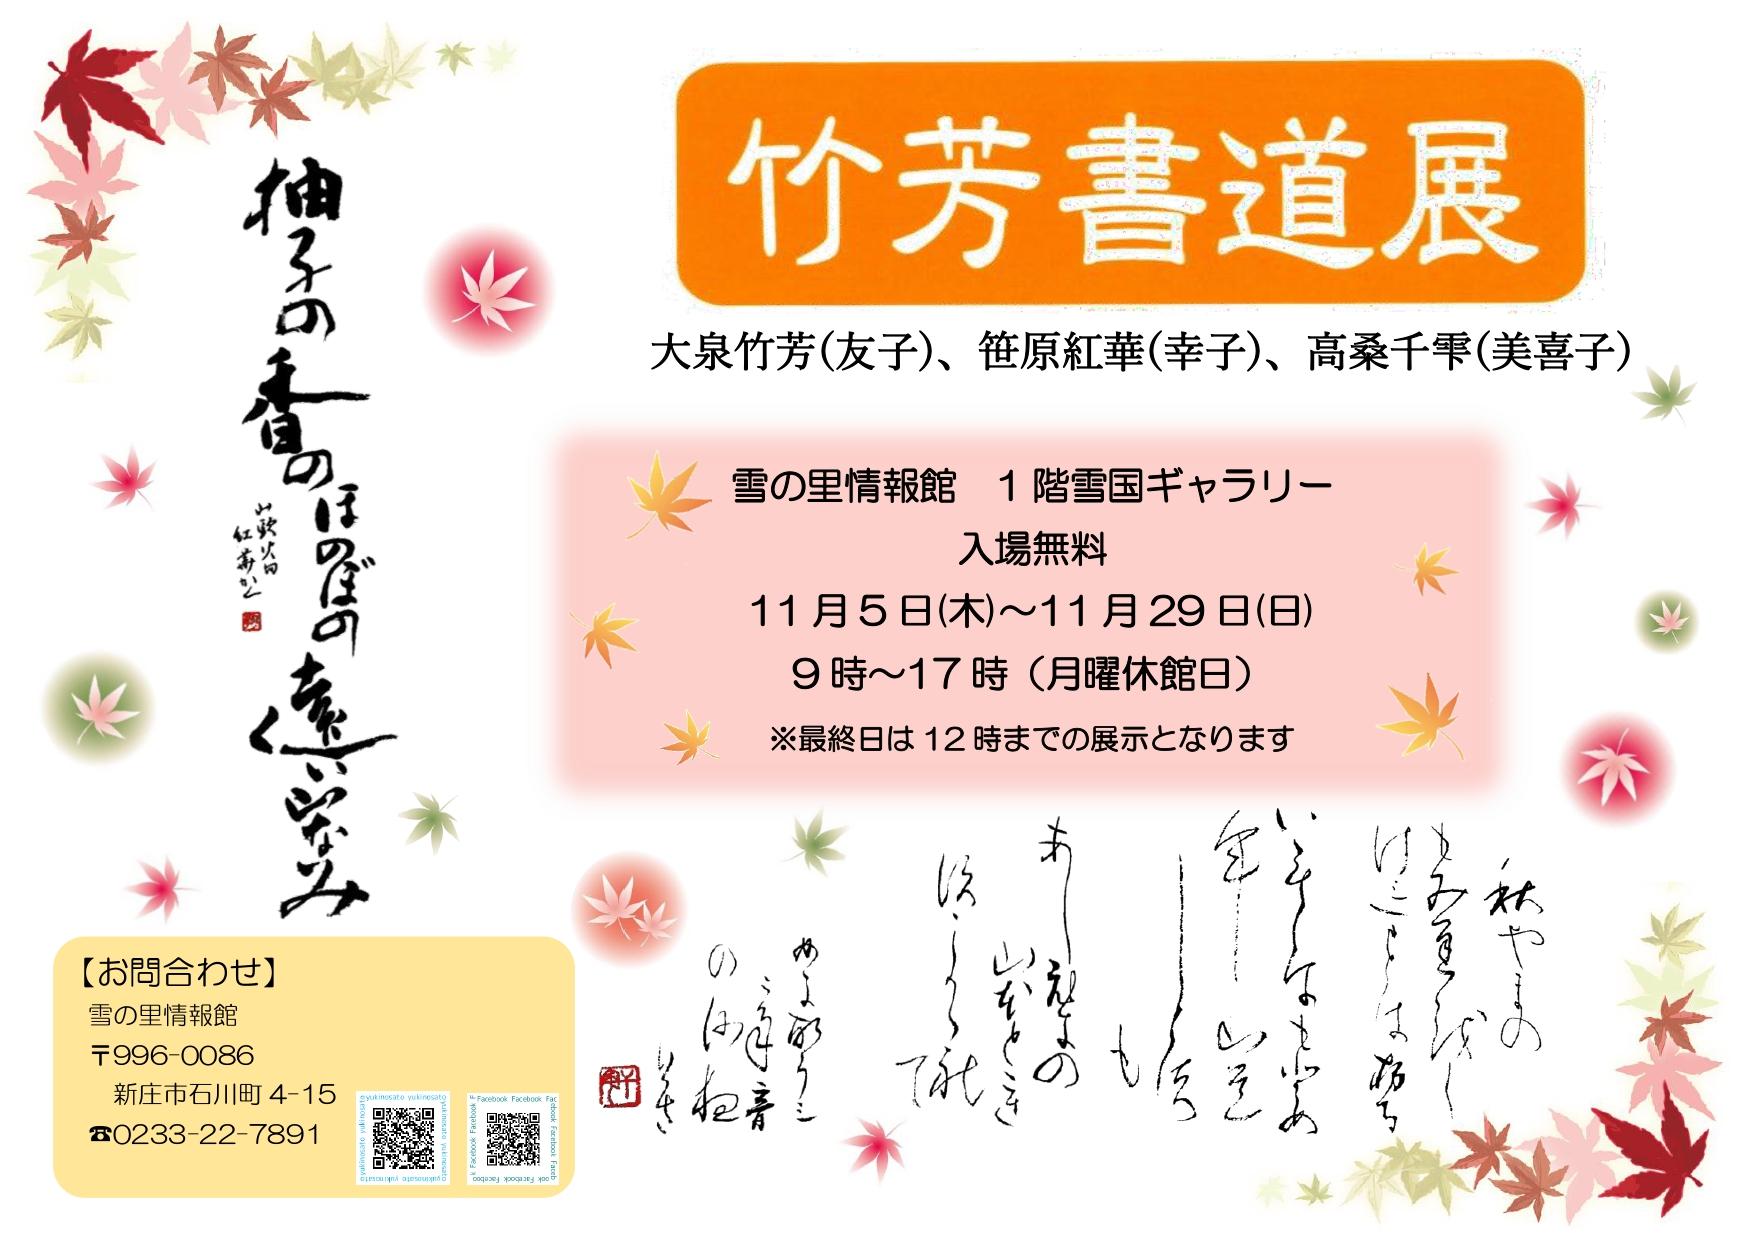 R2-5【11月】竹芳書道展ポスタ_page-0001